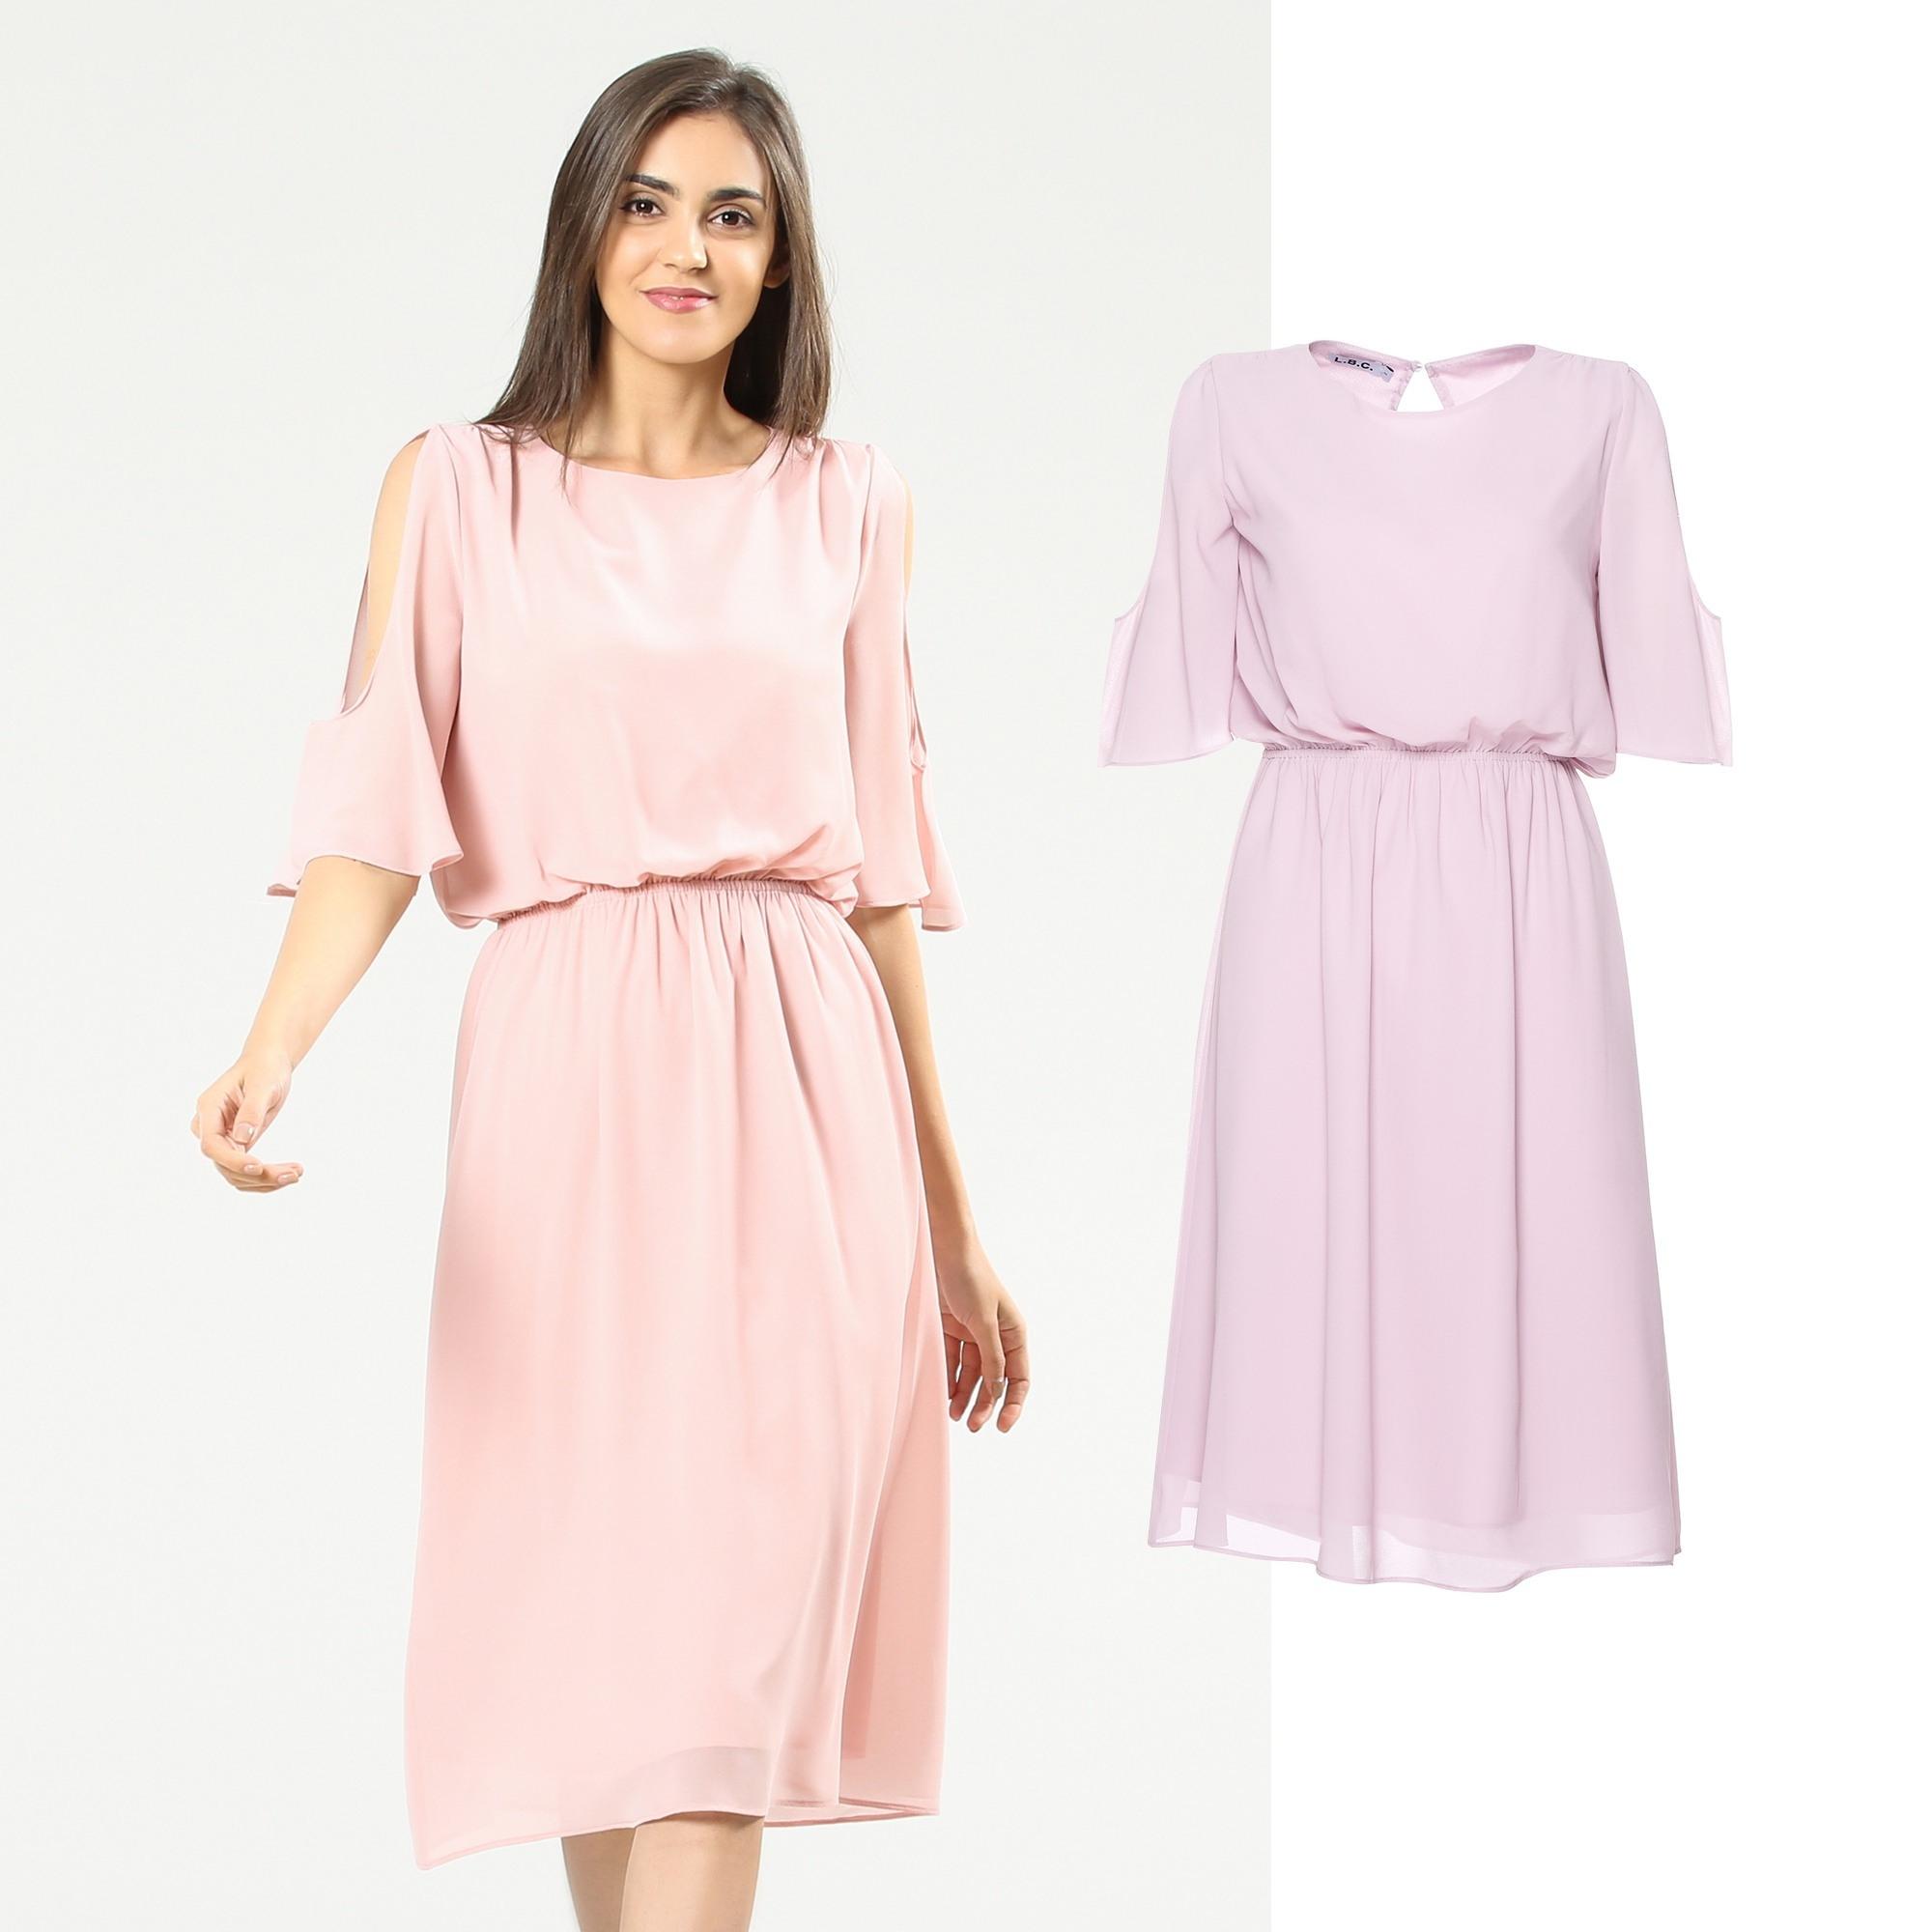 15 Top Kleider Für Hochzeit Günstig Kaufen Ärmel - Abendkleid